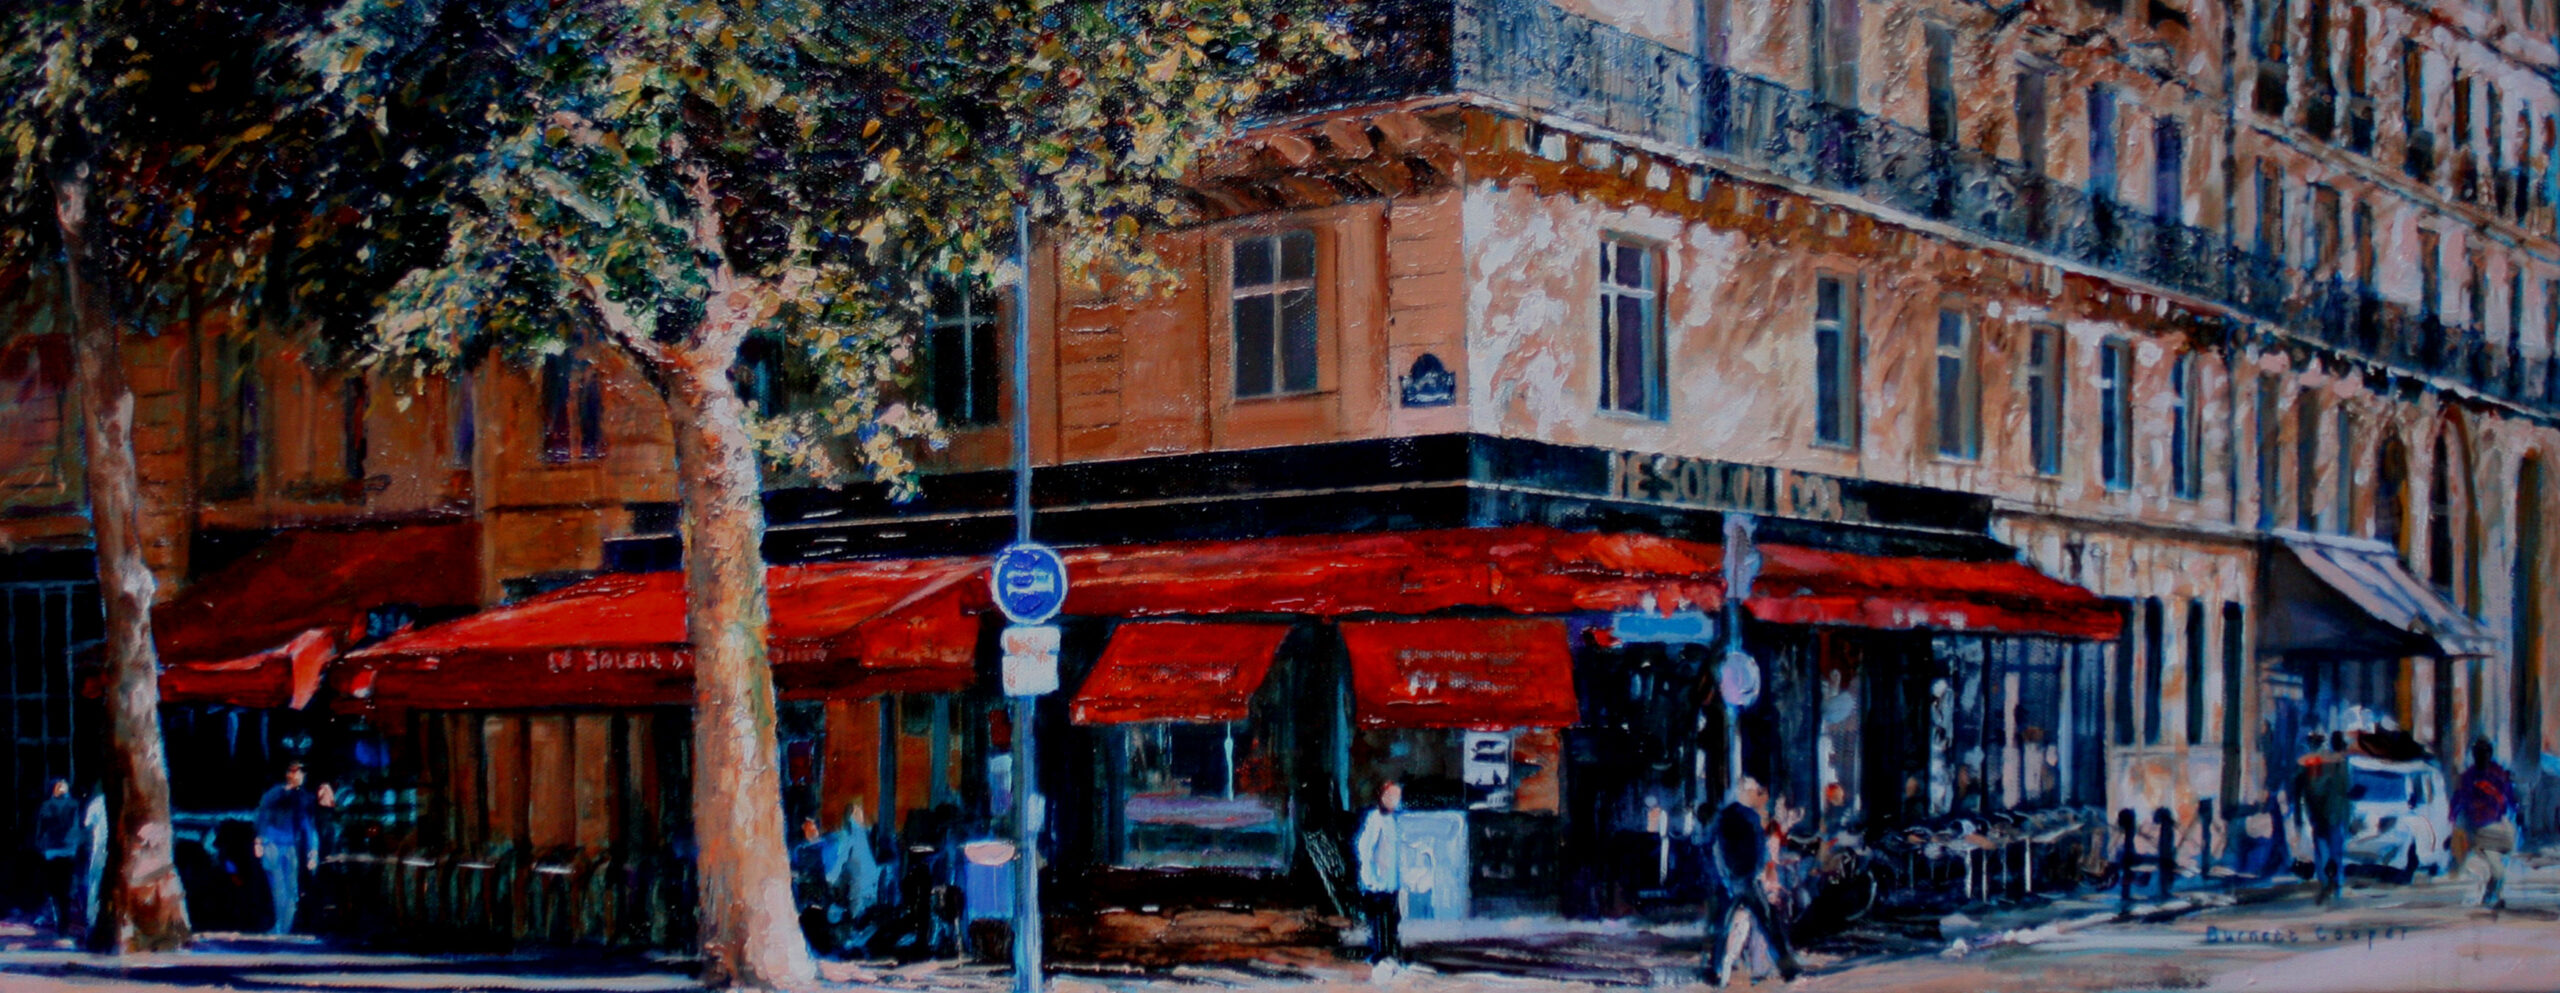 The golden sun cafe. Hilary Burnett Cooper. Jackson's Painting Prize.